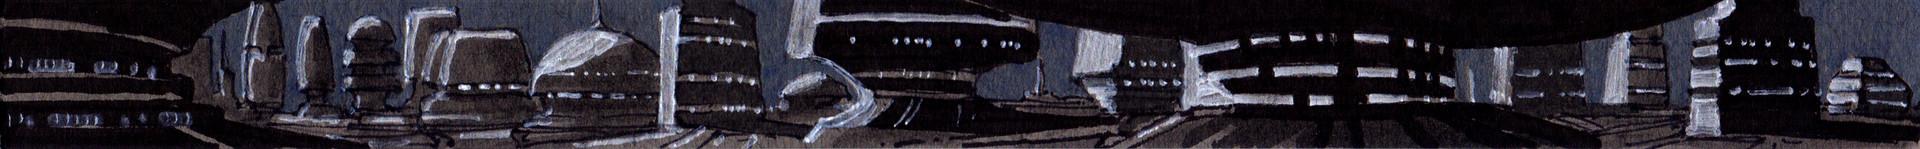 Midhat kapetanovic scan0036